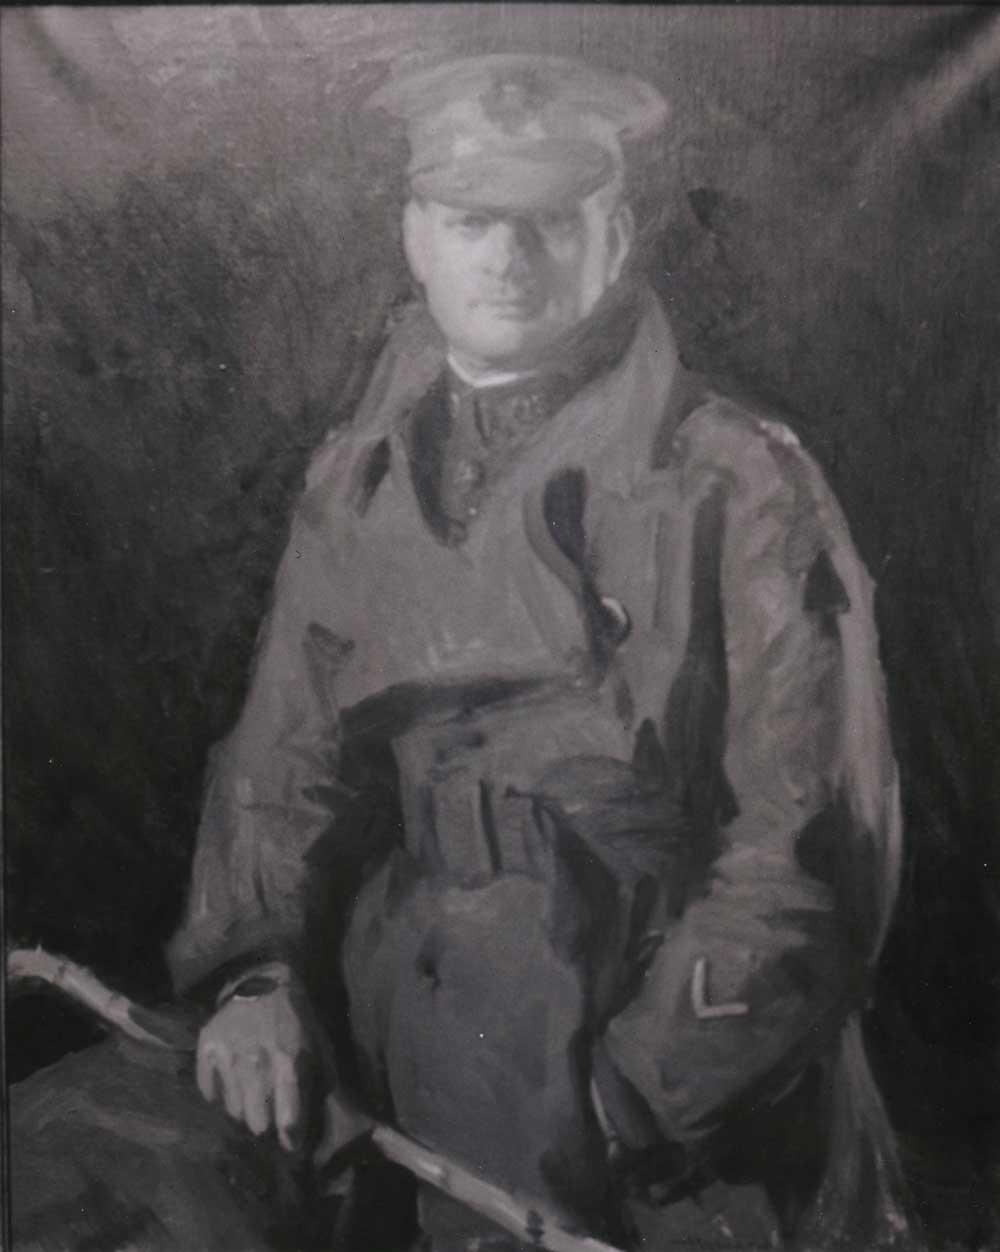 Portrait of Ralph C. Matson, M.D., in military uniform